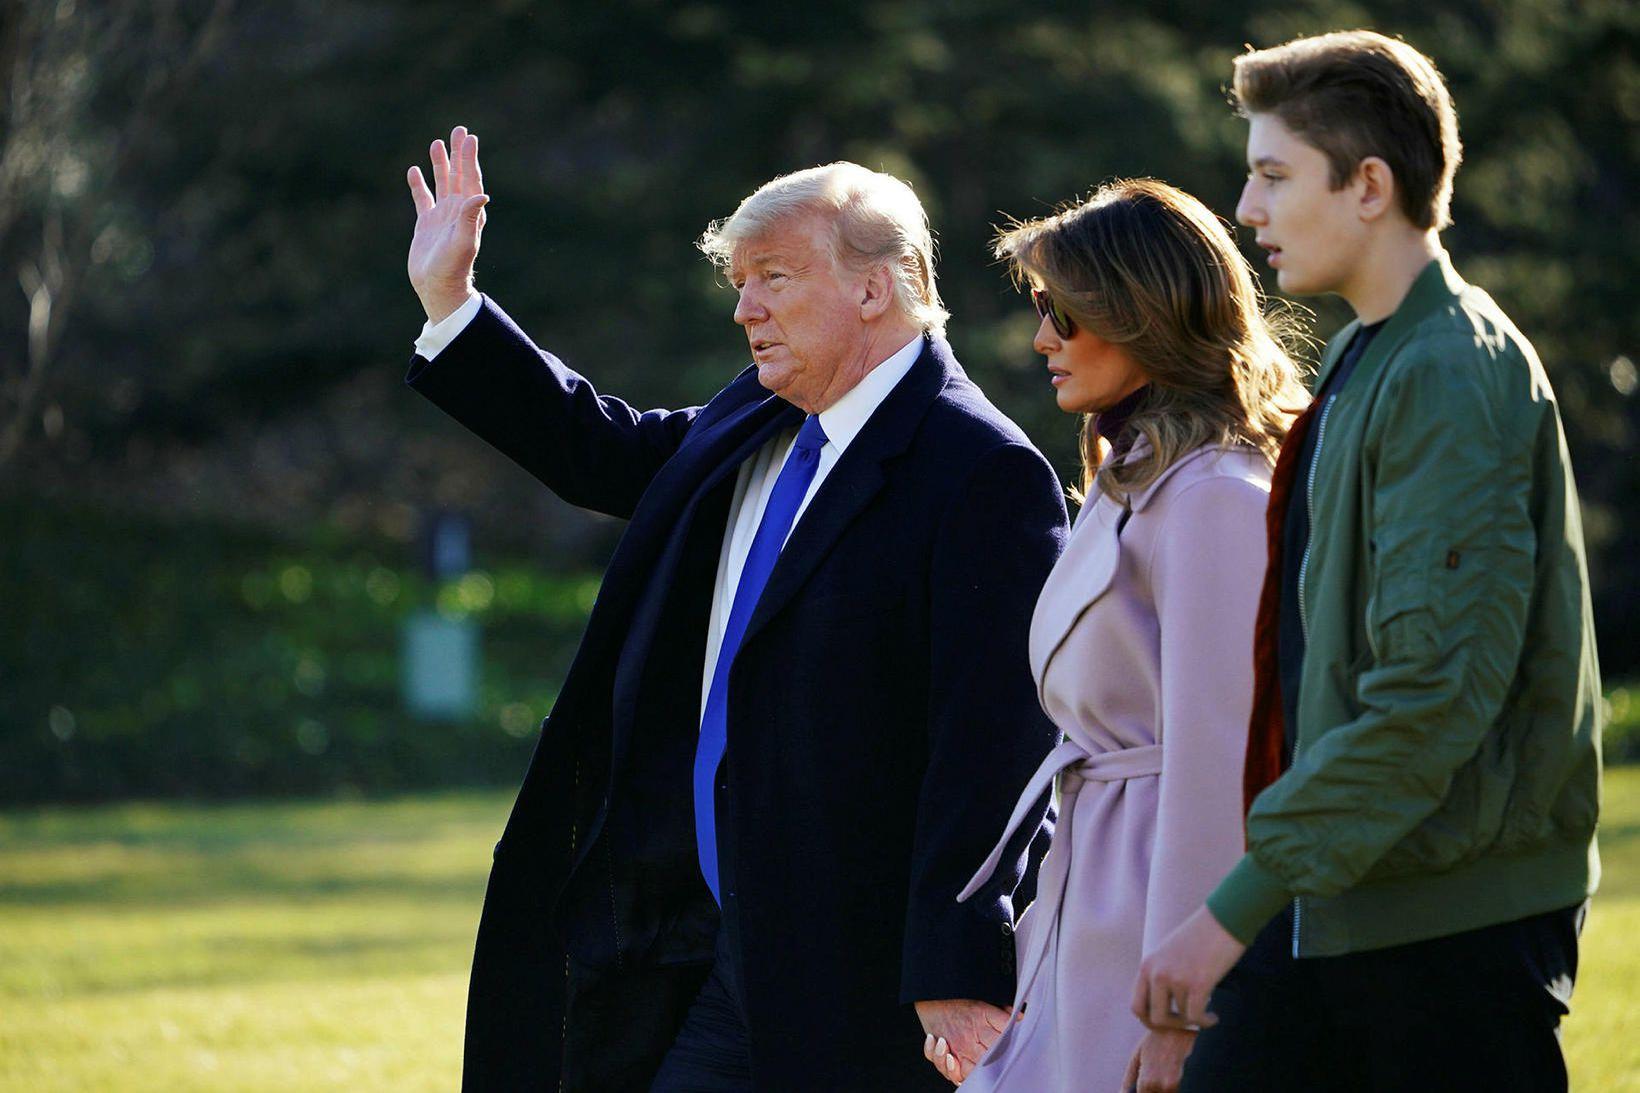 Barron ásamt foreldrum sínum Donald og Melaniu Trump.